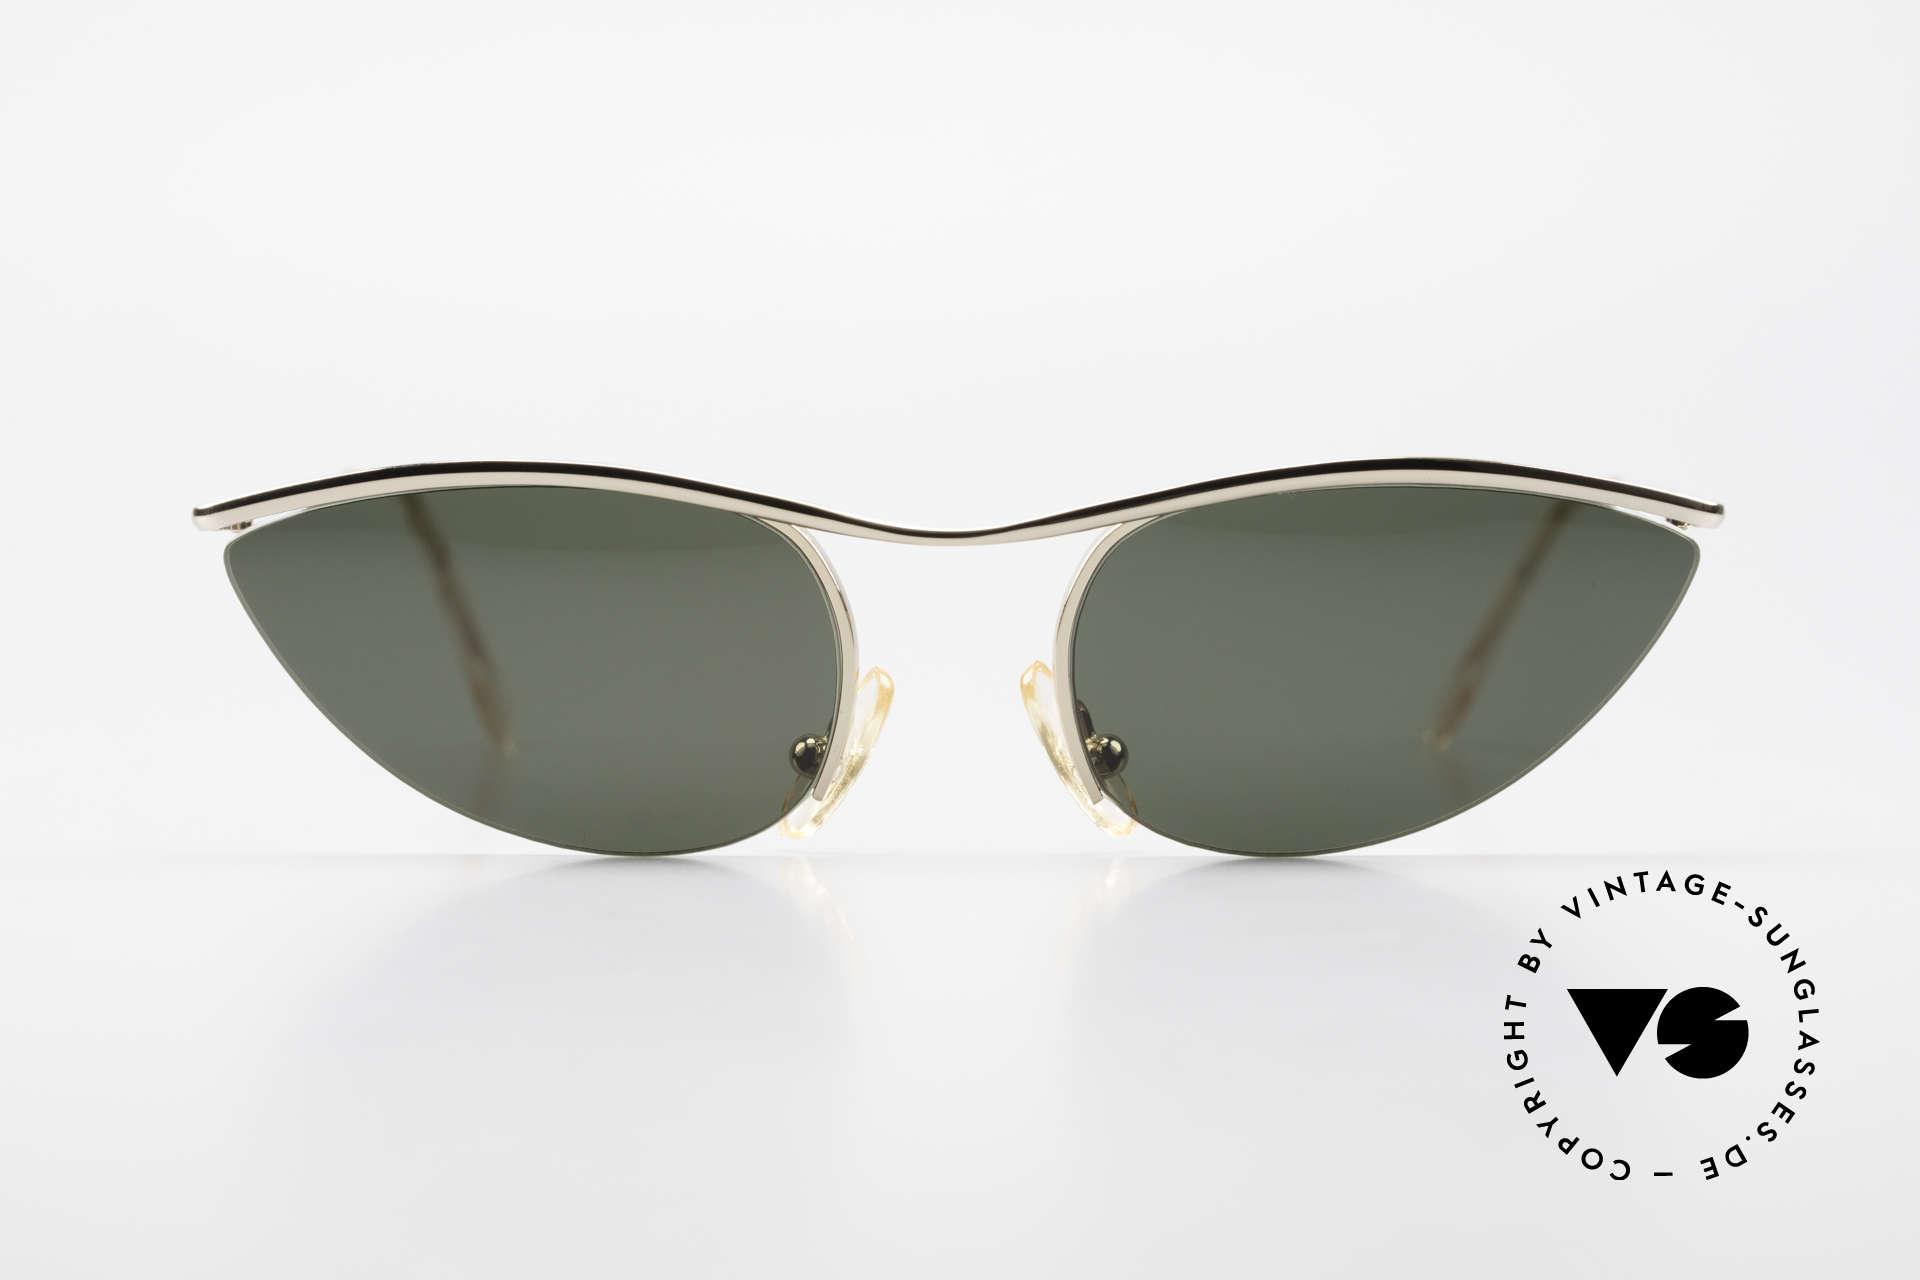 Cutler And Gross 0359 Cateye Designer Sonnenbrille, klassisch, zeitlose Understatement Luxus-Sonnenbrille, Passend für Damen